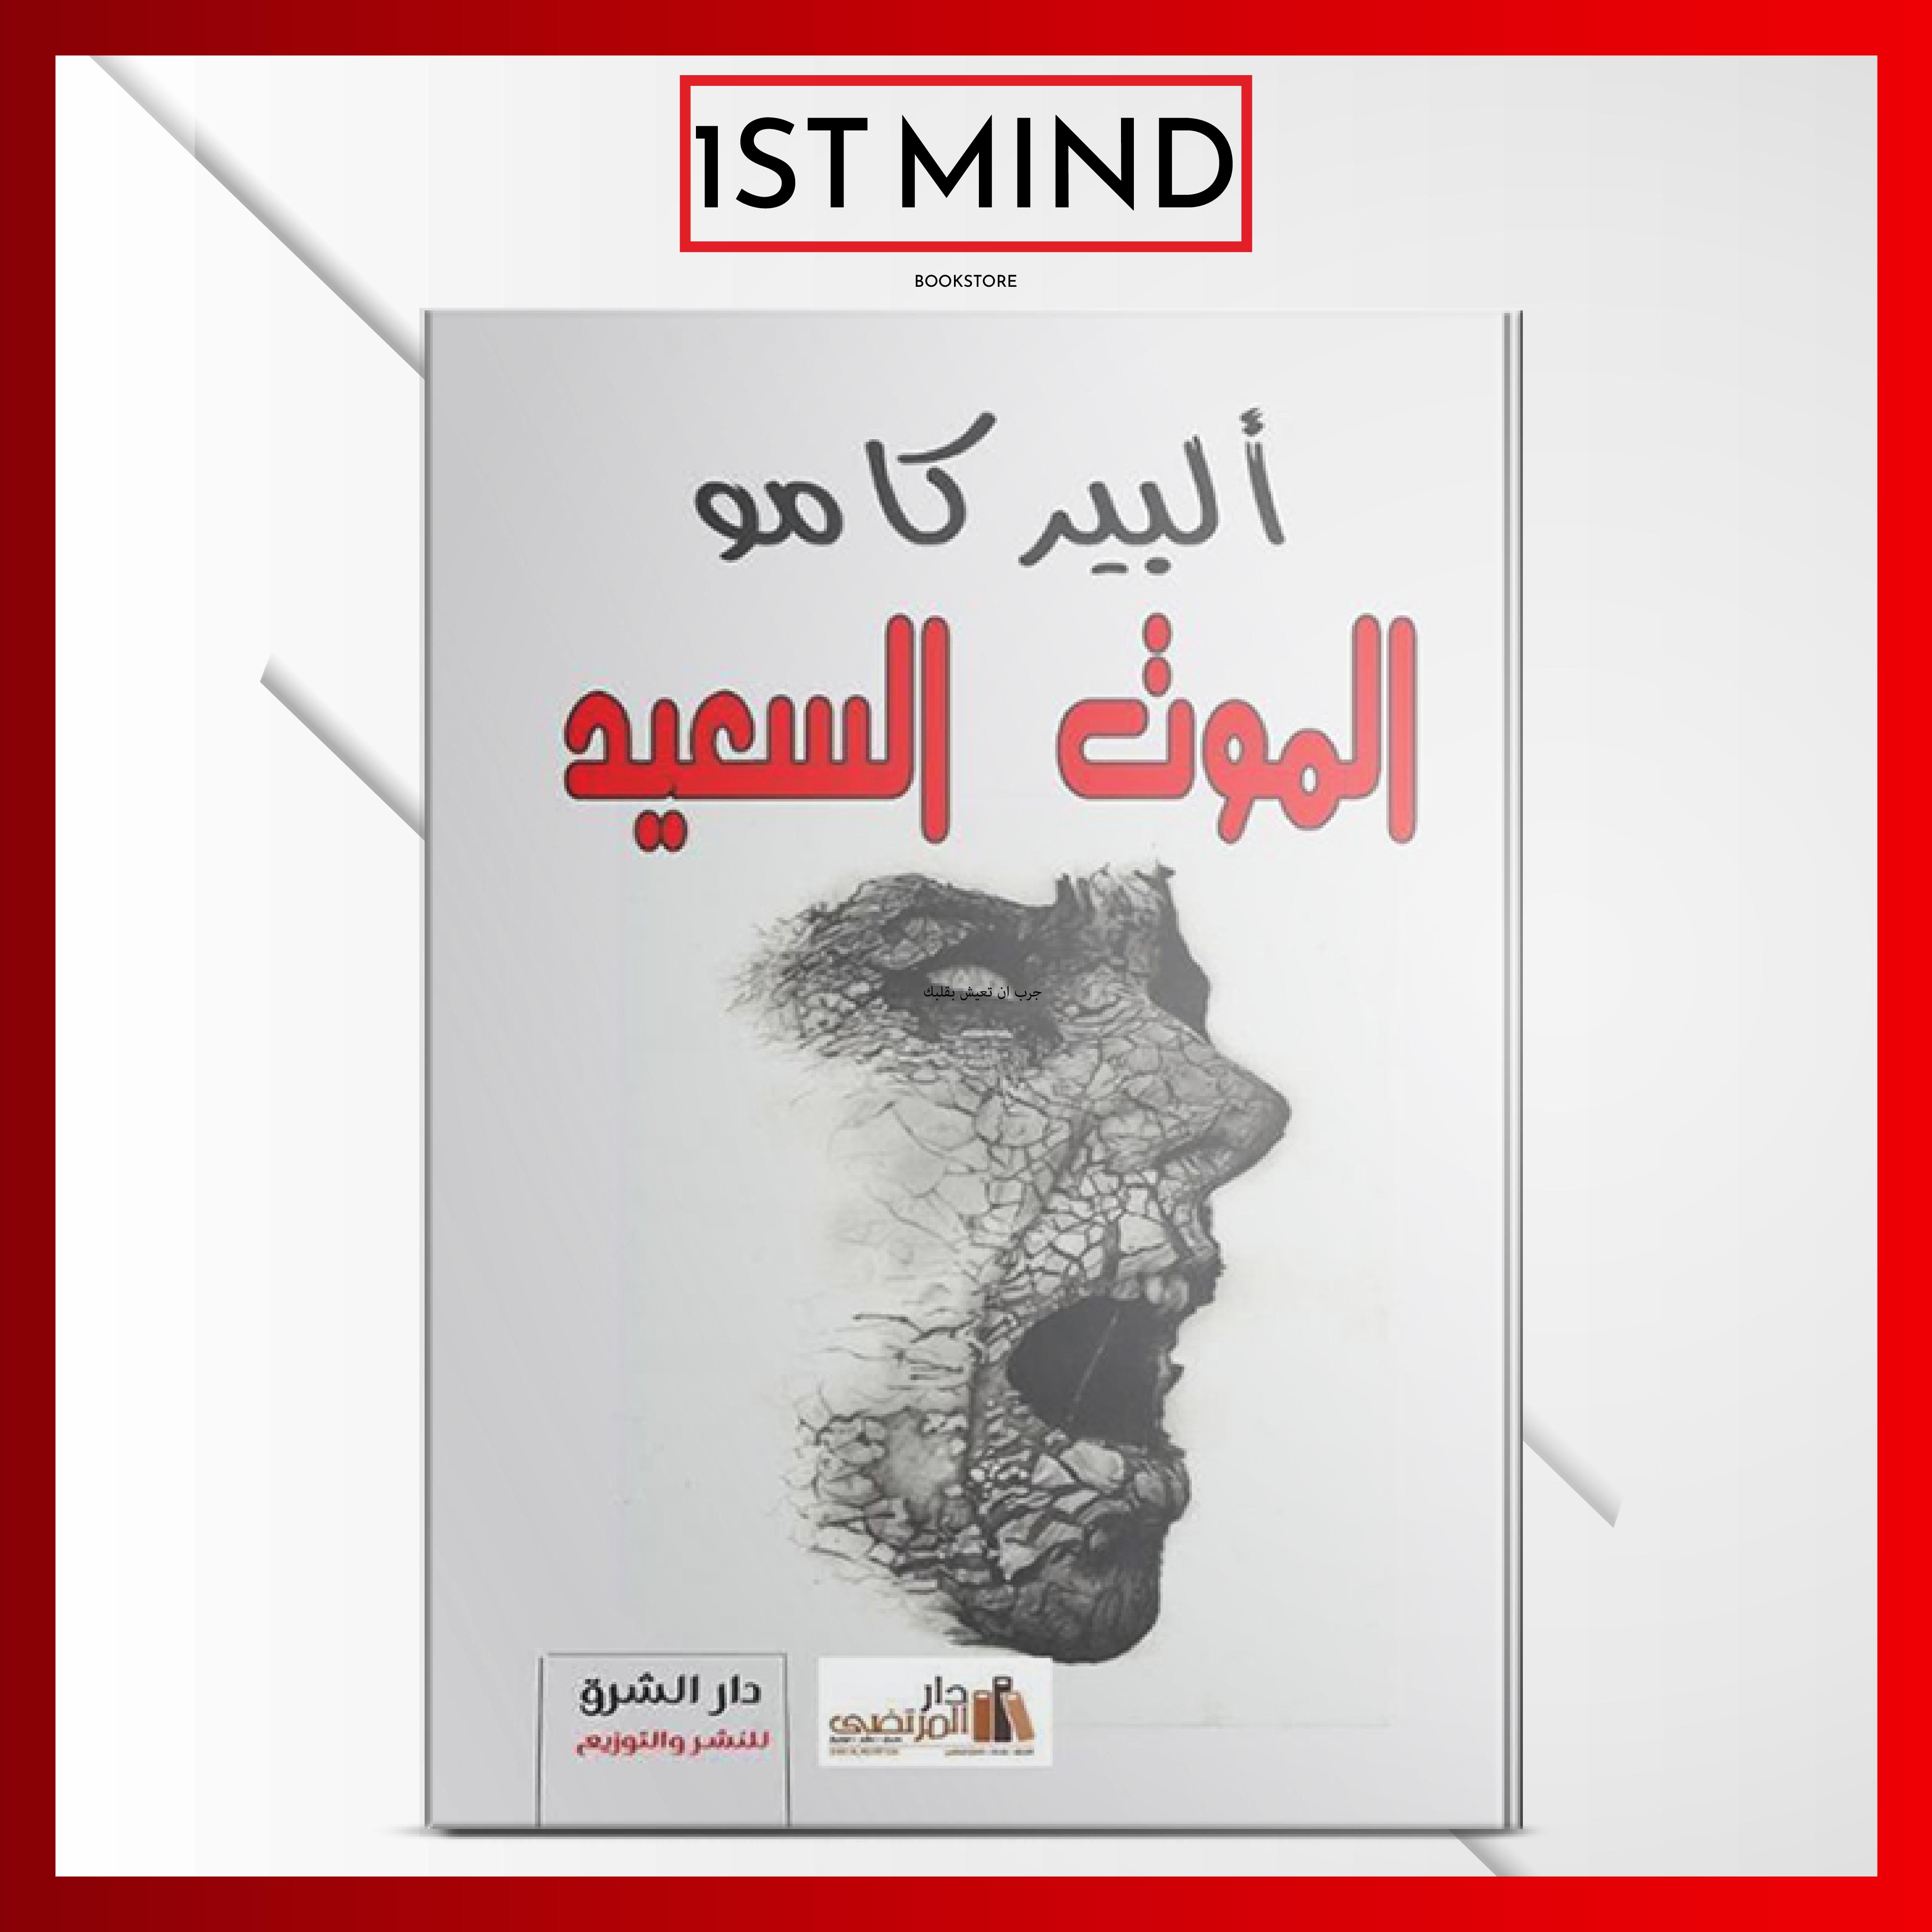 الموت السعيد Bookstore Movie Posters Mindfulness